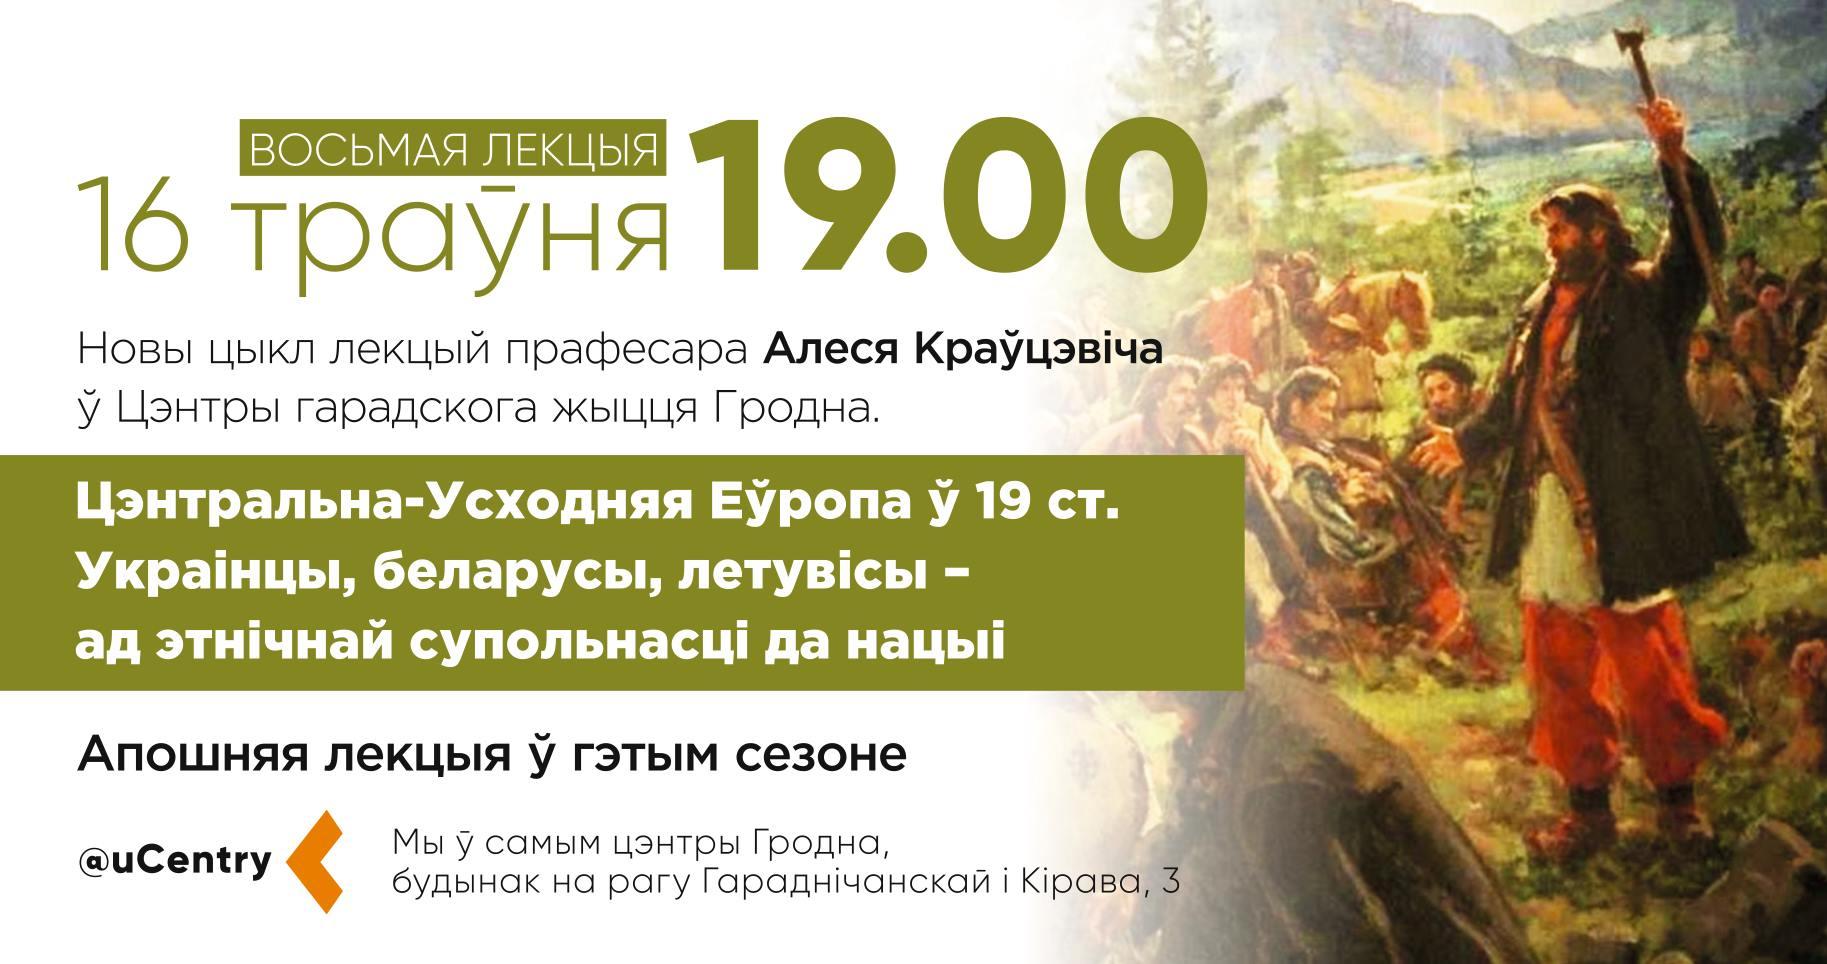 Цэнтральна-Усходняя Еўропа ў 19 ст. Украінцы, беларусы, летувісы – ад этнічнай супольнасці да нацыі